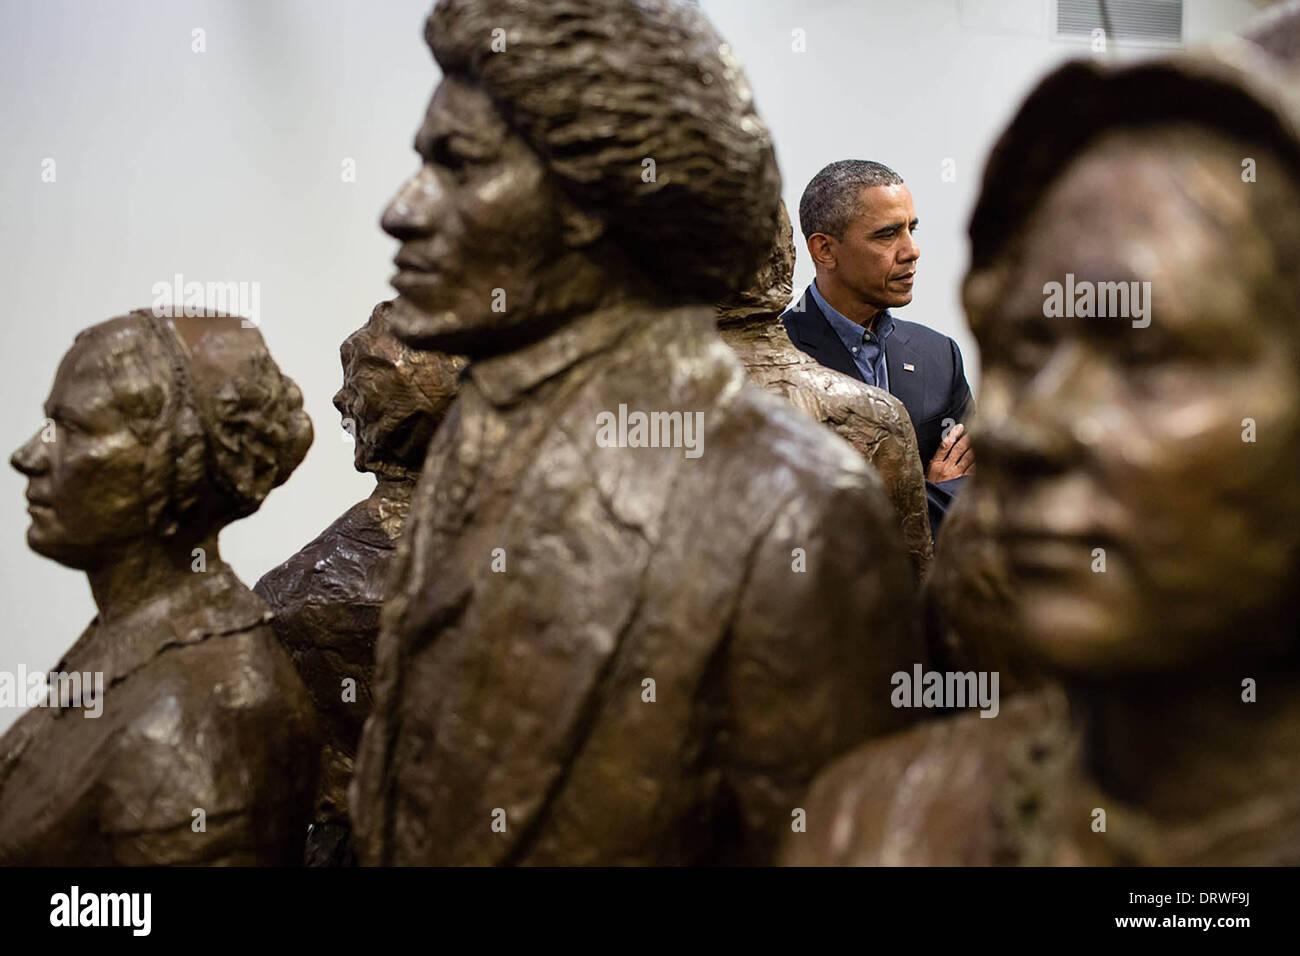 Le président américain Barack Obama visite le parc historique national Women's Rights Centre Visiteurs, 22 août 2013 à Seneca Falls, New York. Photo Stock